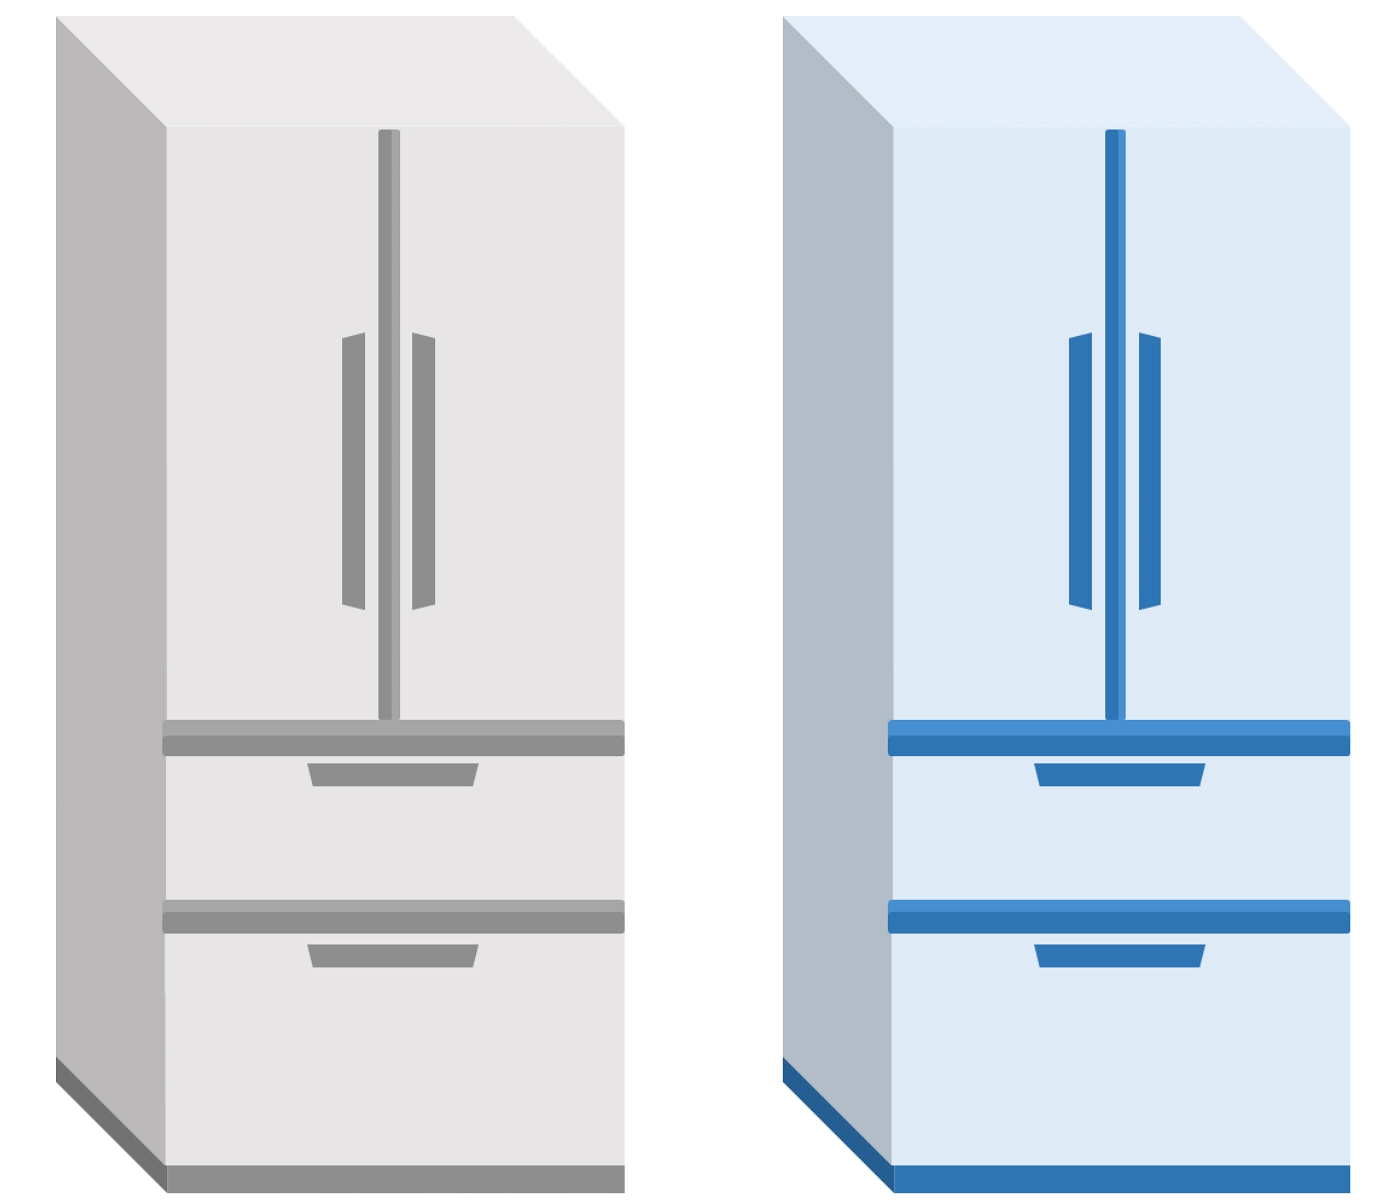 冷蔵庫のイラスト